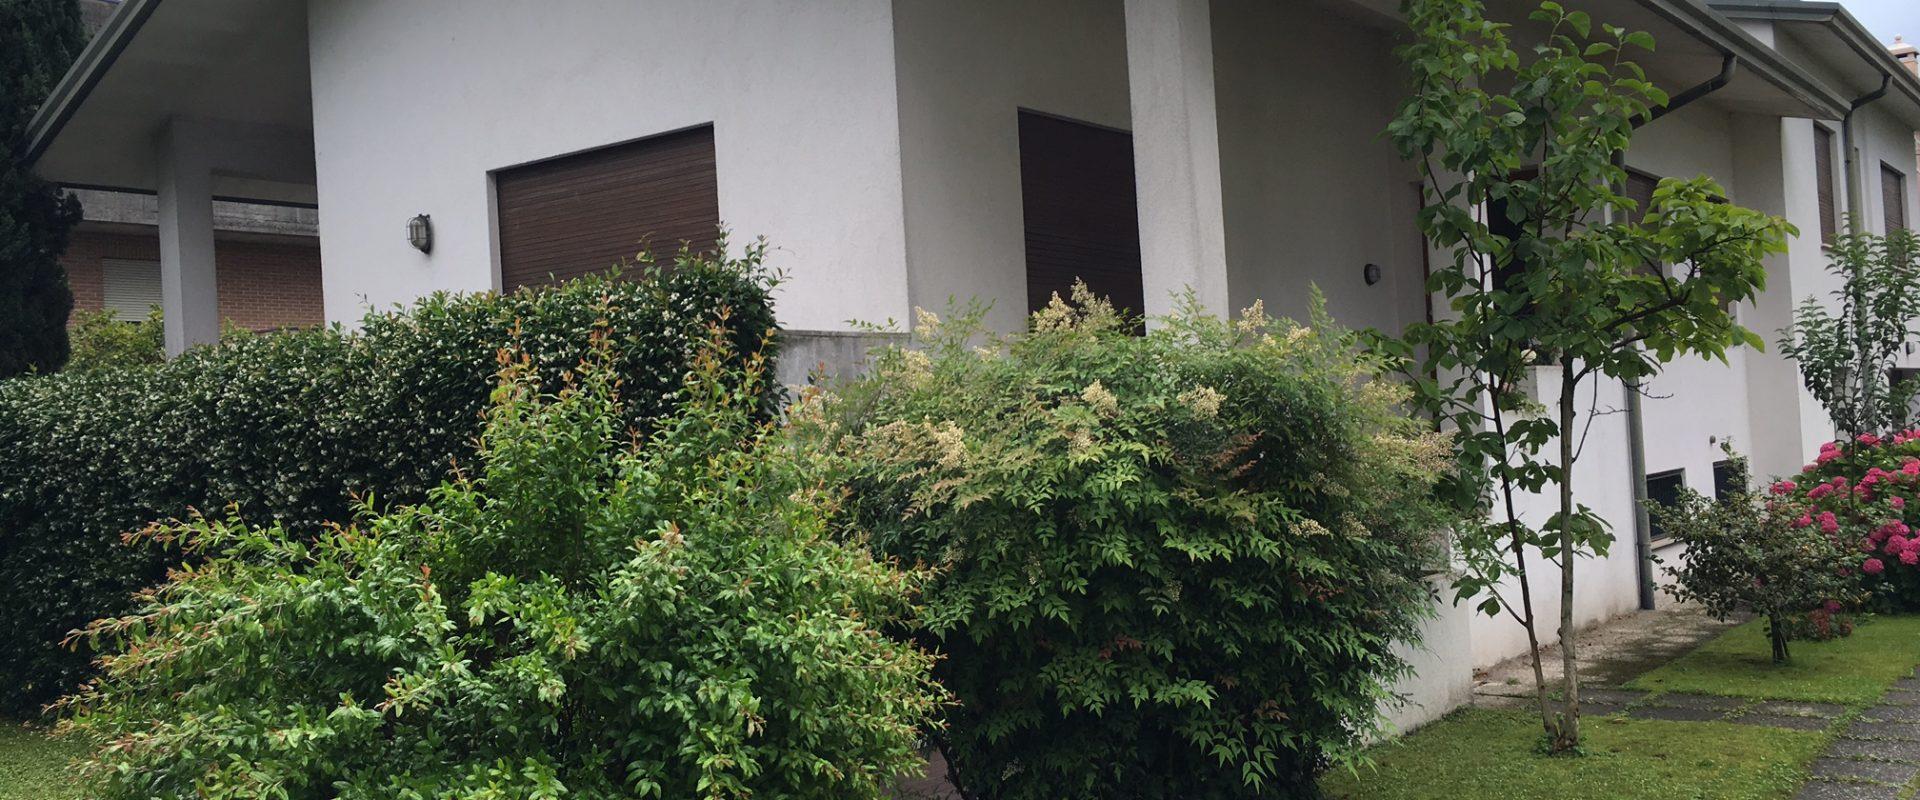 Vendita villa a Cittadella – 15 locali